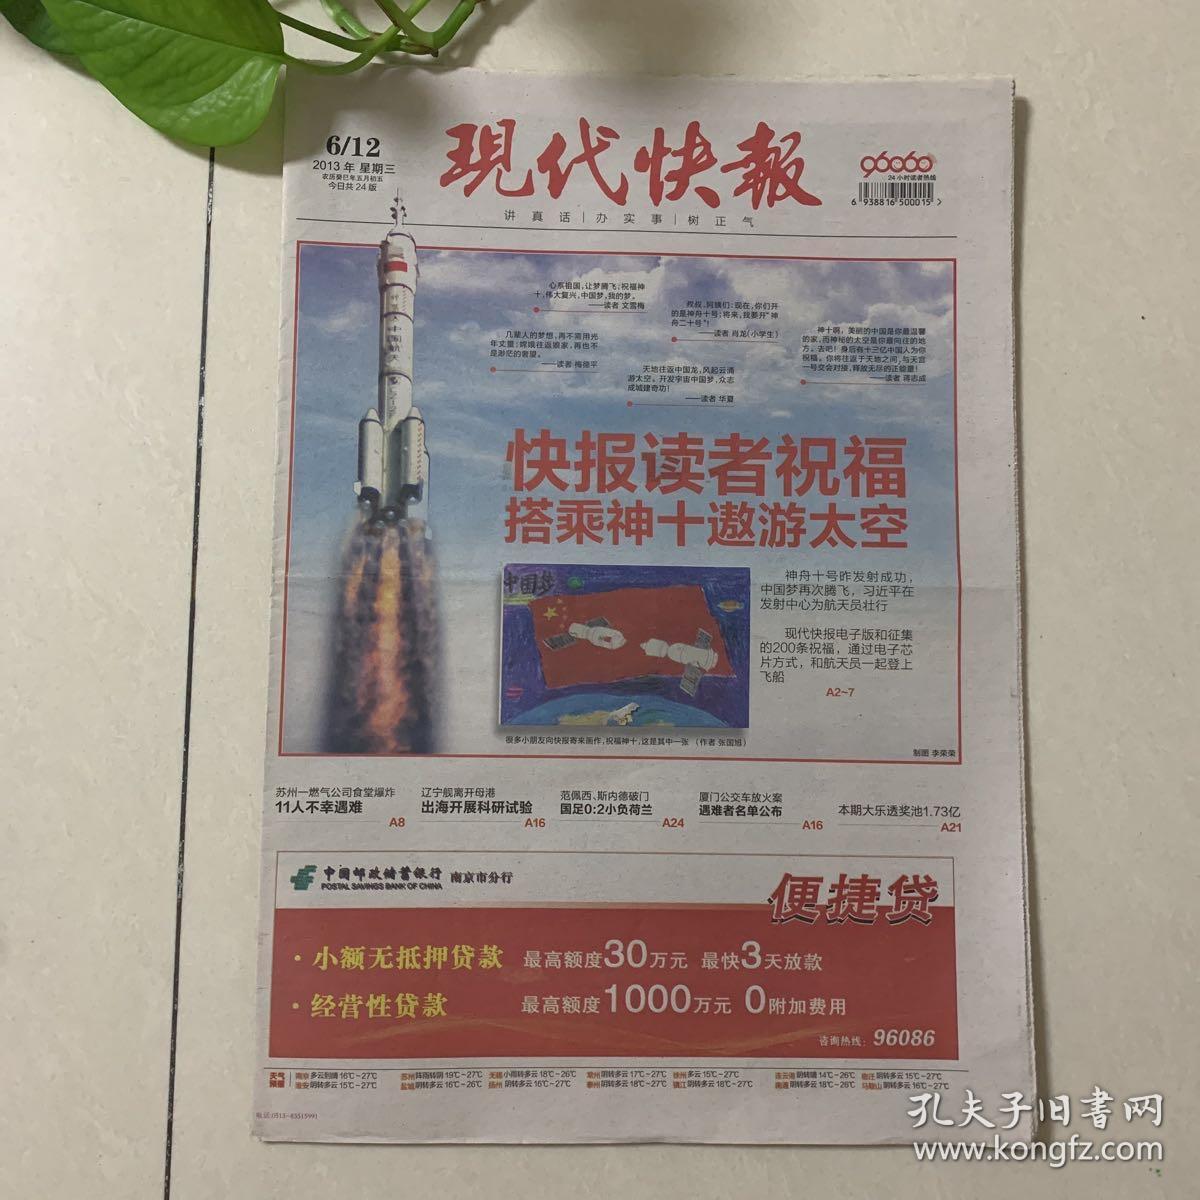 现代快报神十飞船2013.6.12